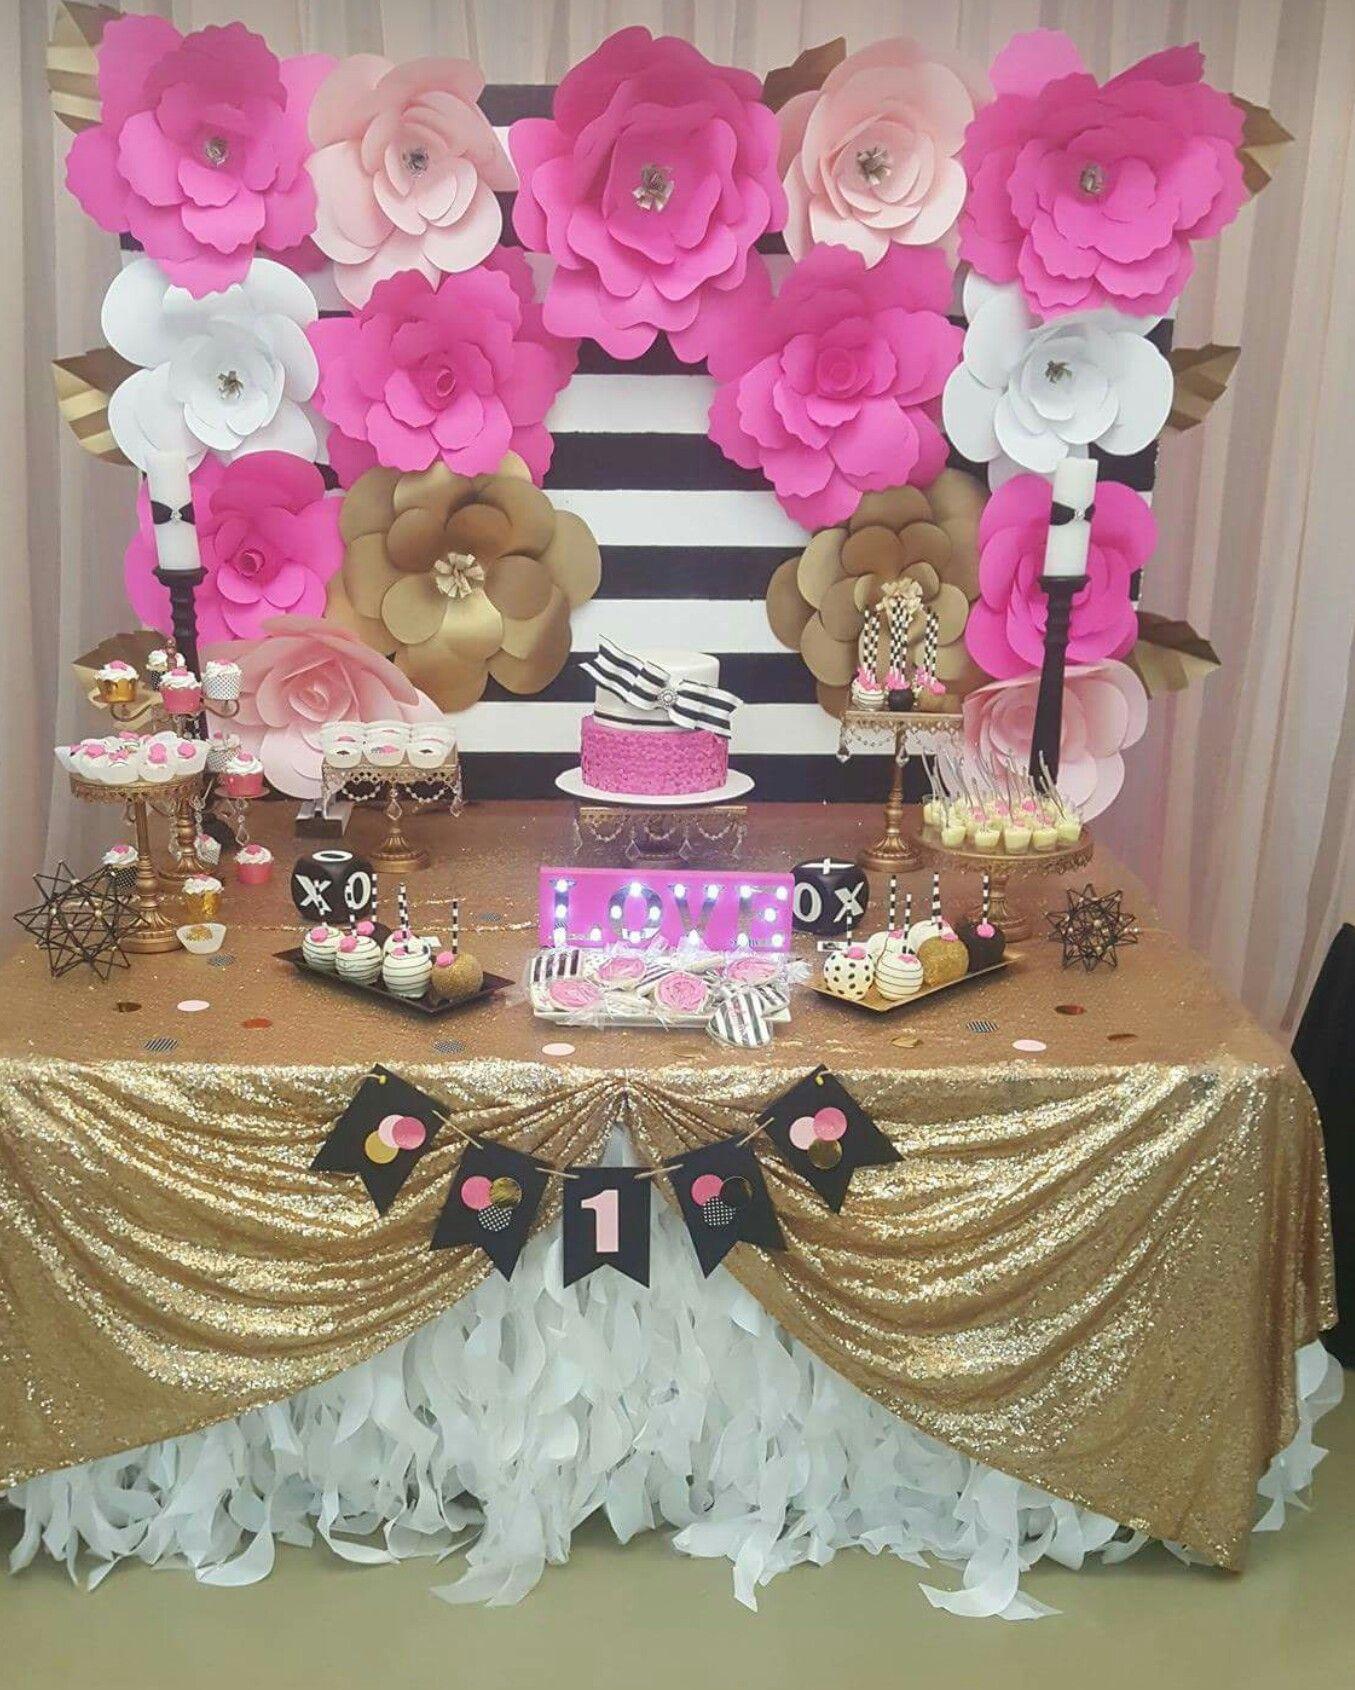 Kate Spade Treat Table Cake Pink Black Gold White